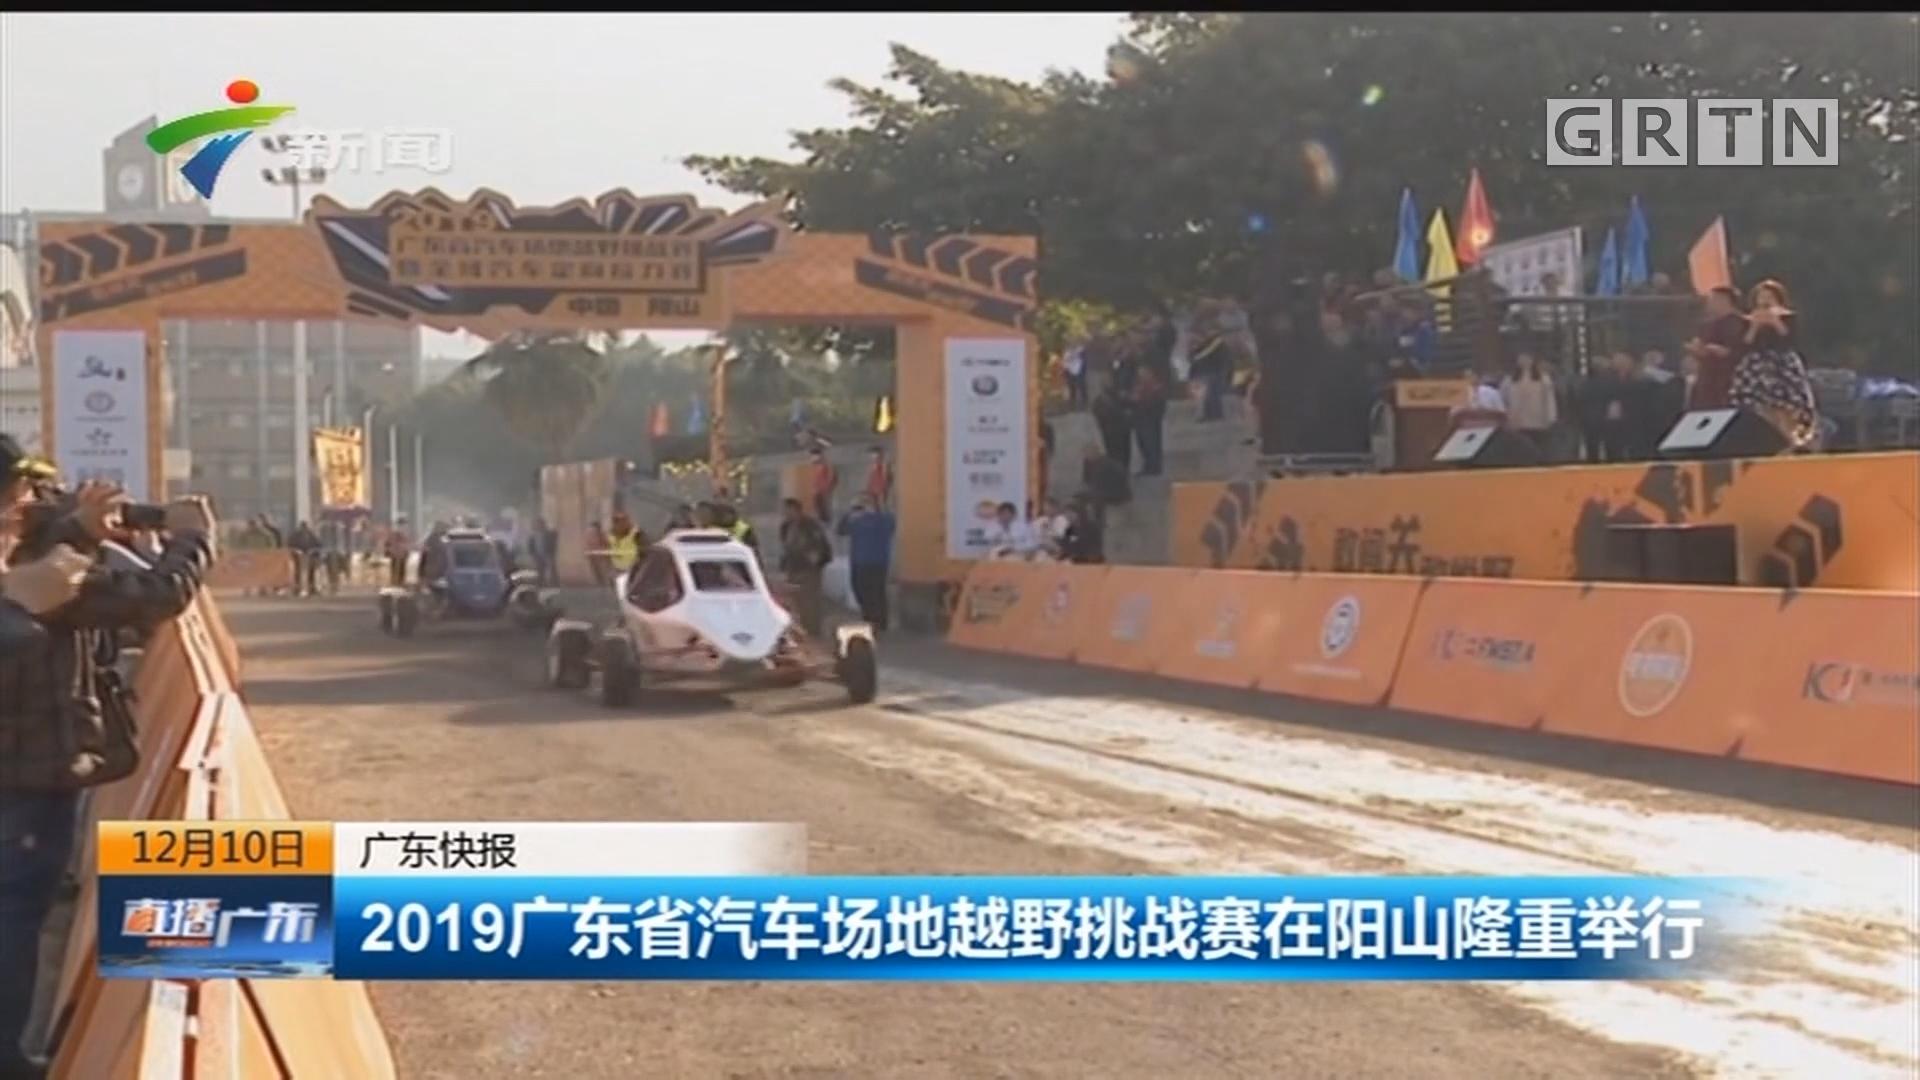 2019广东省汽车场地越野挑战赛在阳山隆重举行